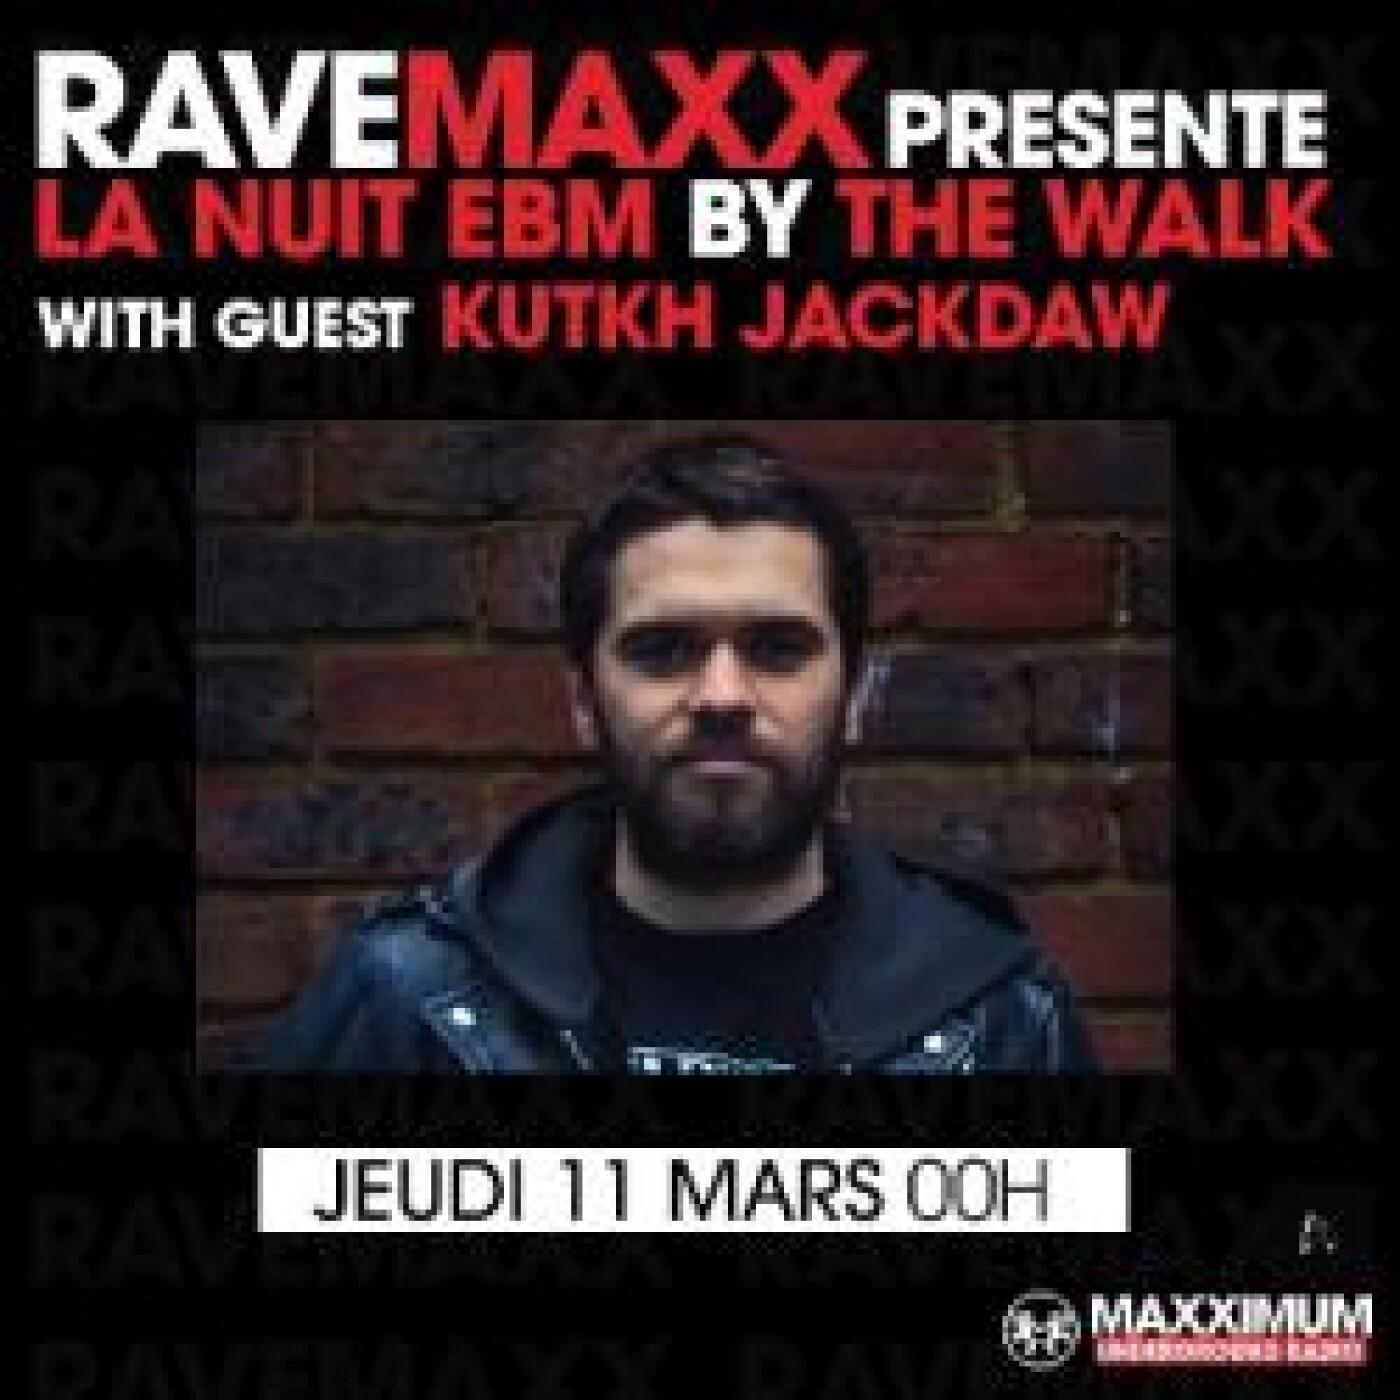 RAVEMAXX : KUTKH JACKDAW